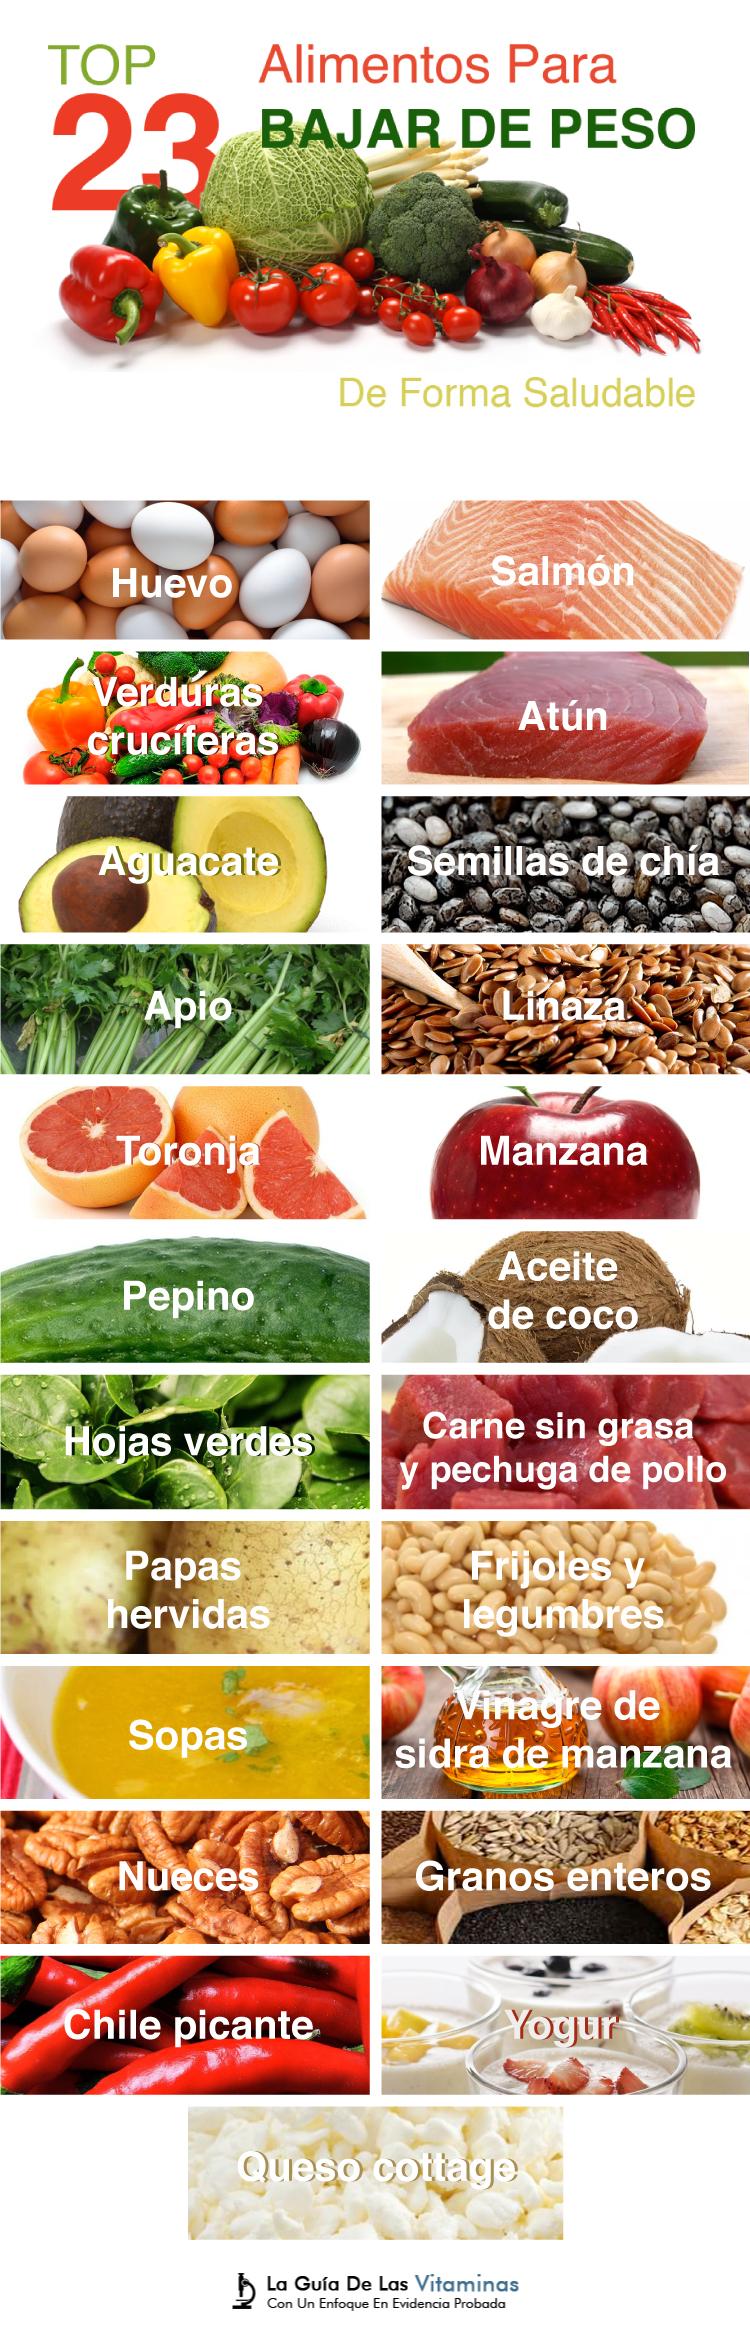 Alimentos para bajar de peso naturalmente wine